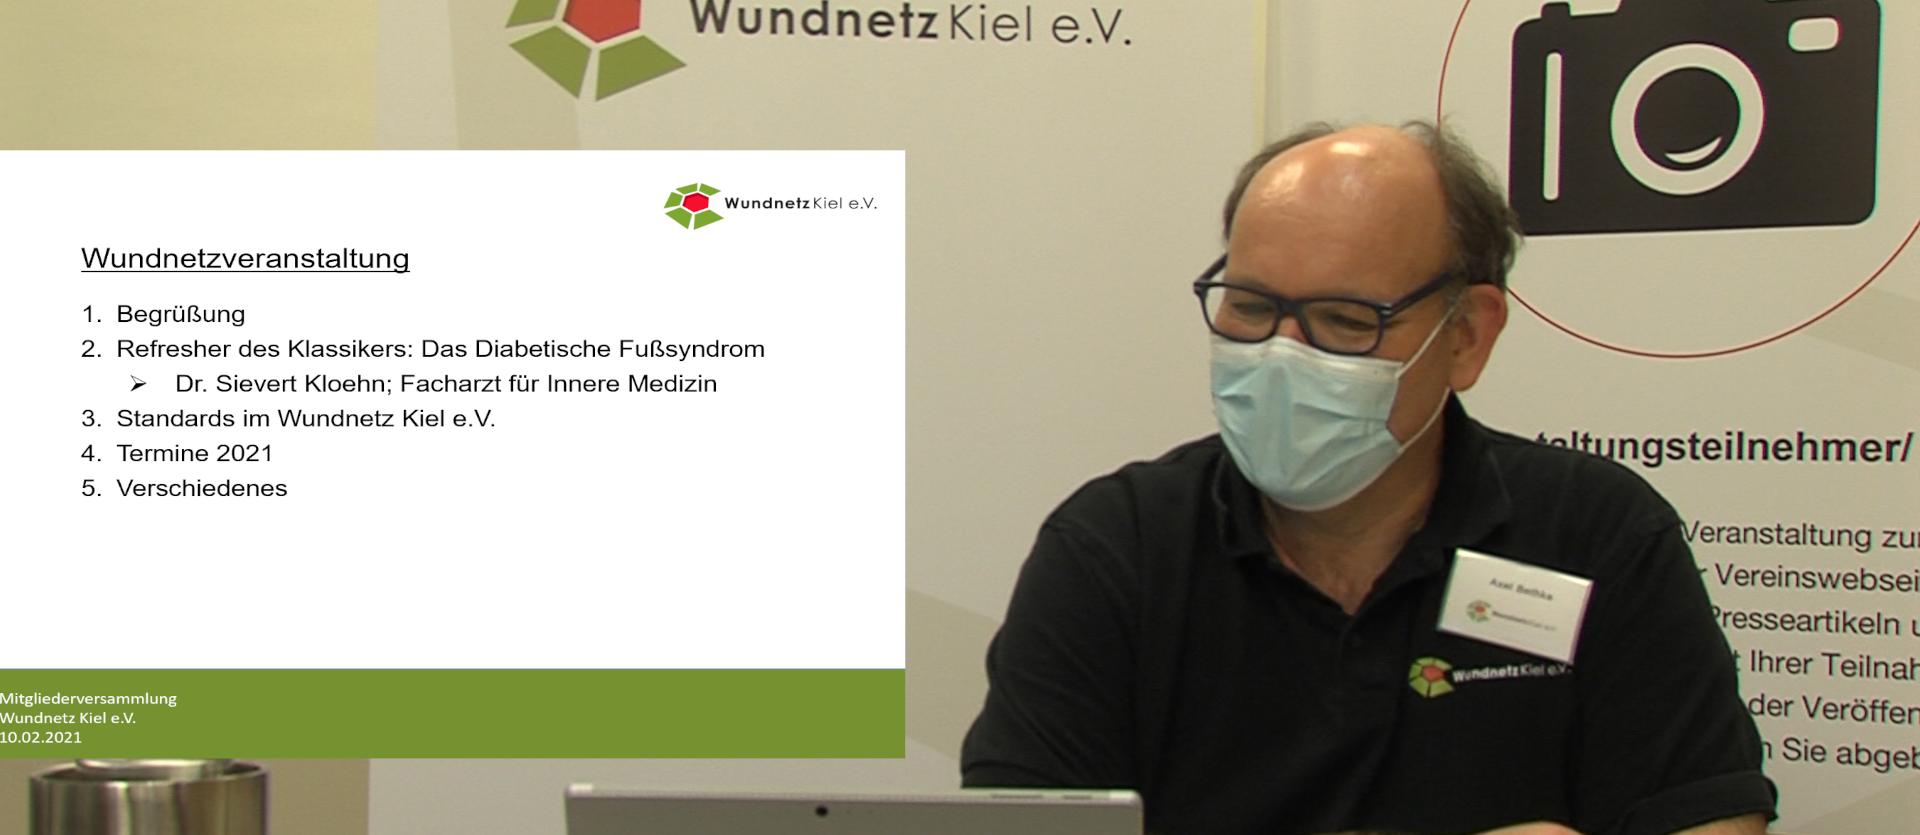 Mittelalter Mann mit Brille, Glatzenansatz und OP-Maske am Laptop. Im Hintergrund die Präsentation.